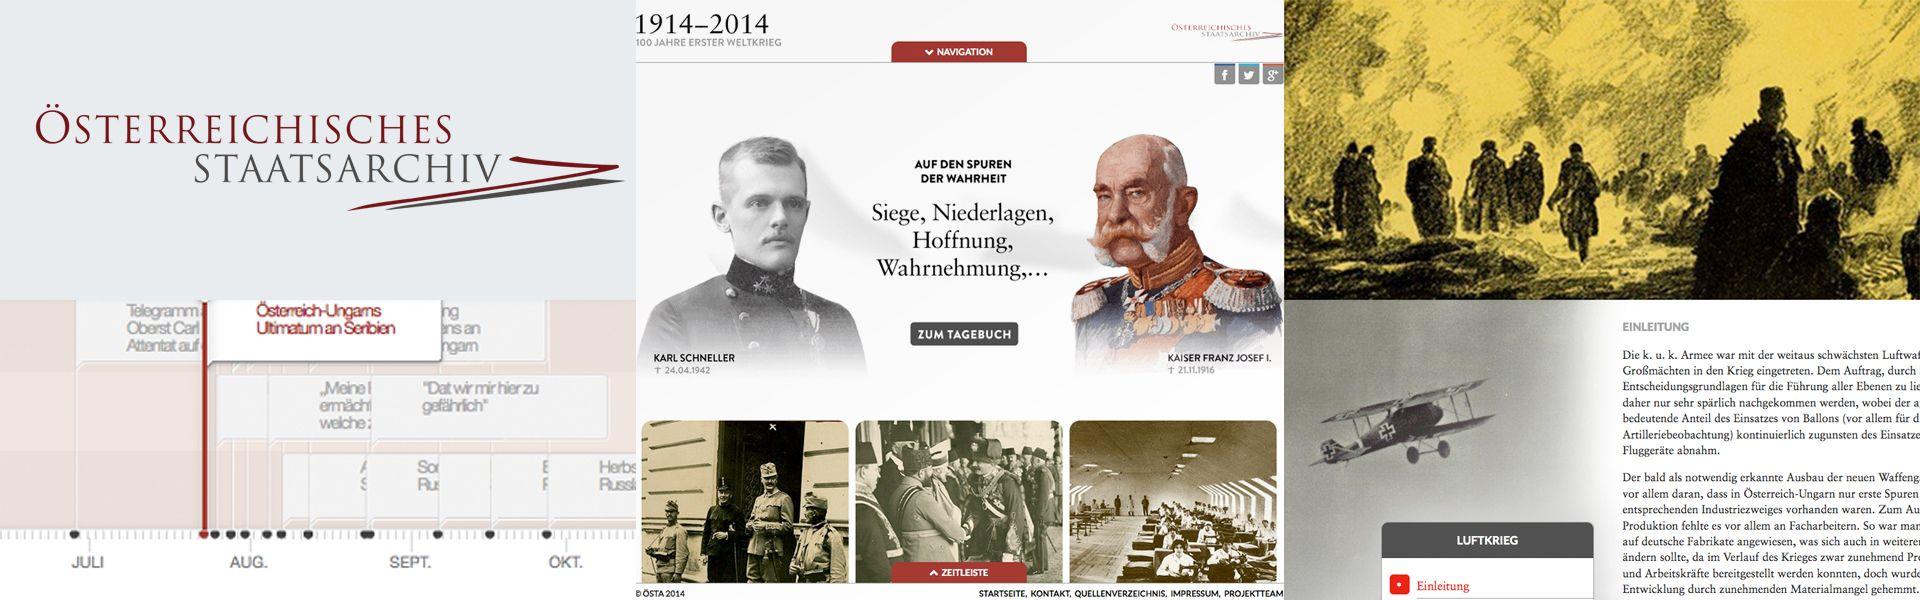 Collage der Homepage zum 1. Weltkrieg